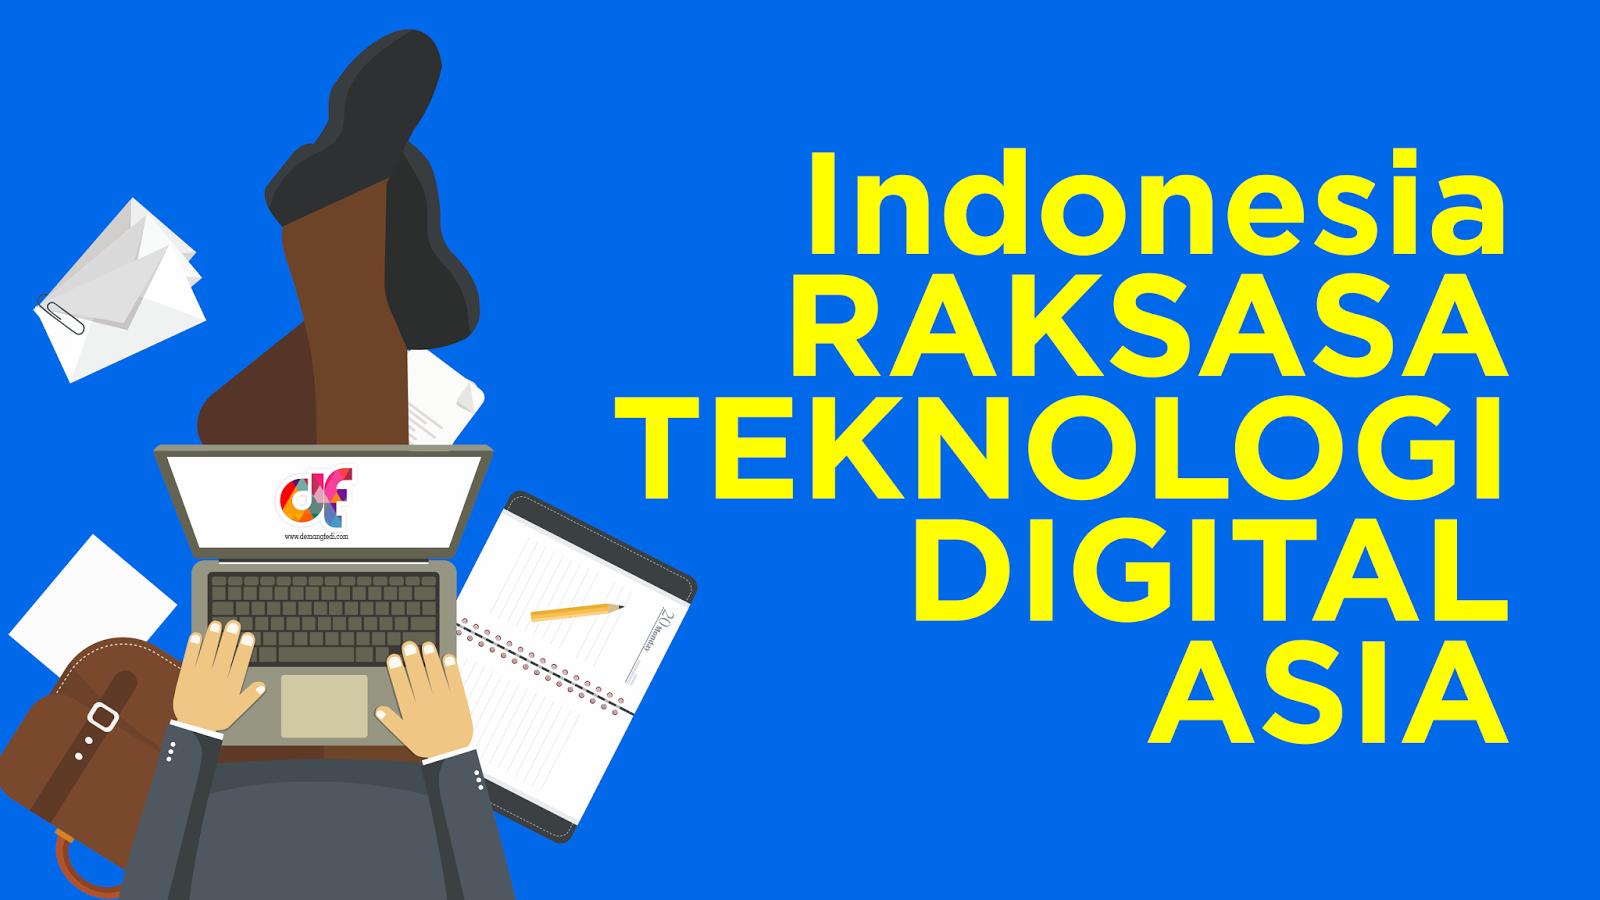 Indonesia Raksasa Teknologi Digitial Asia